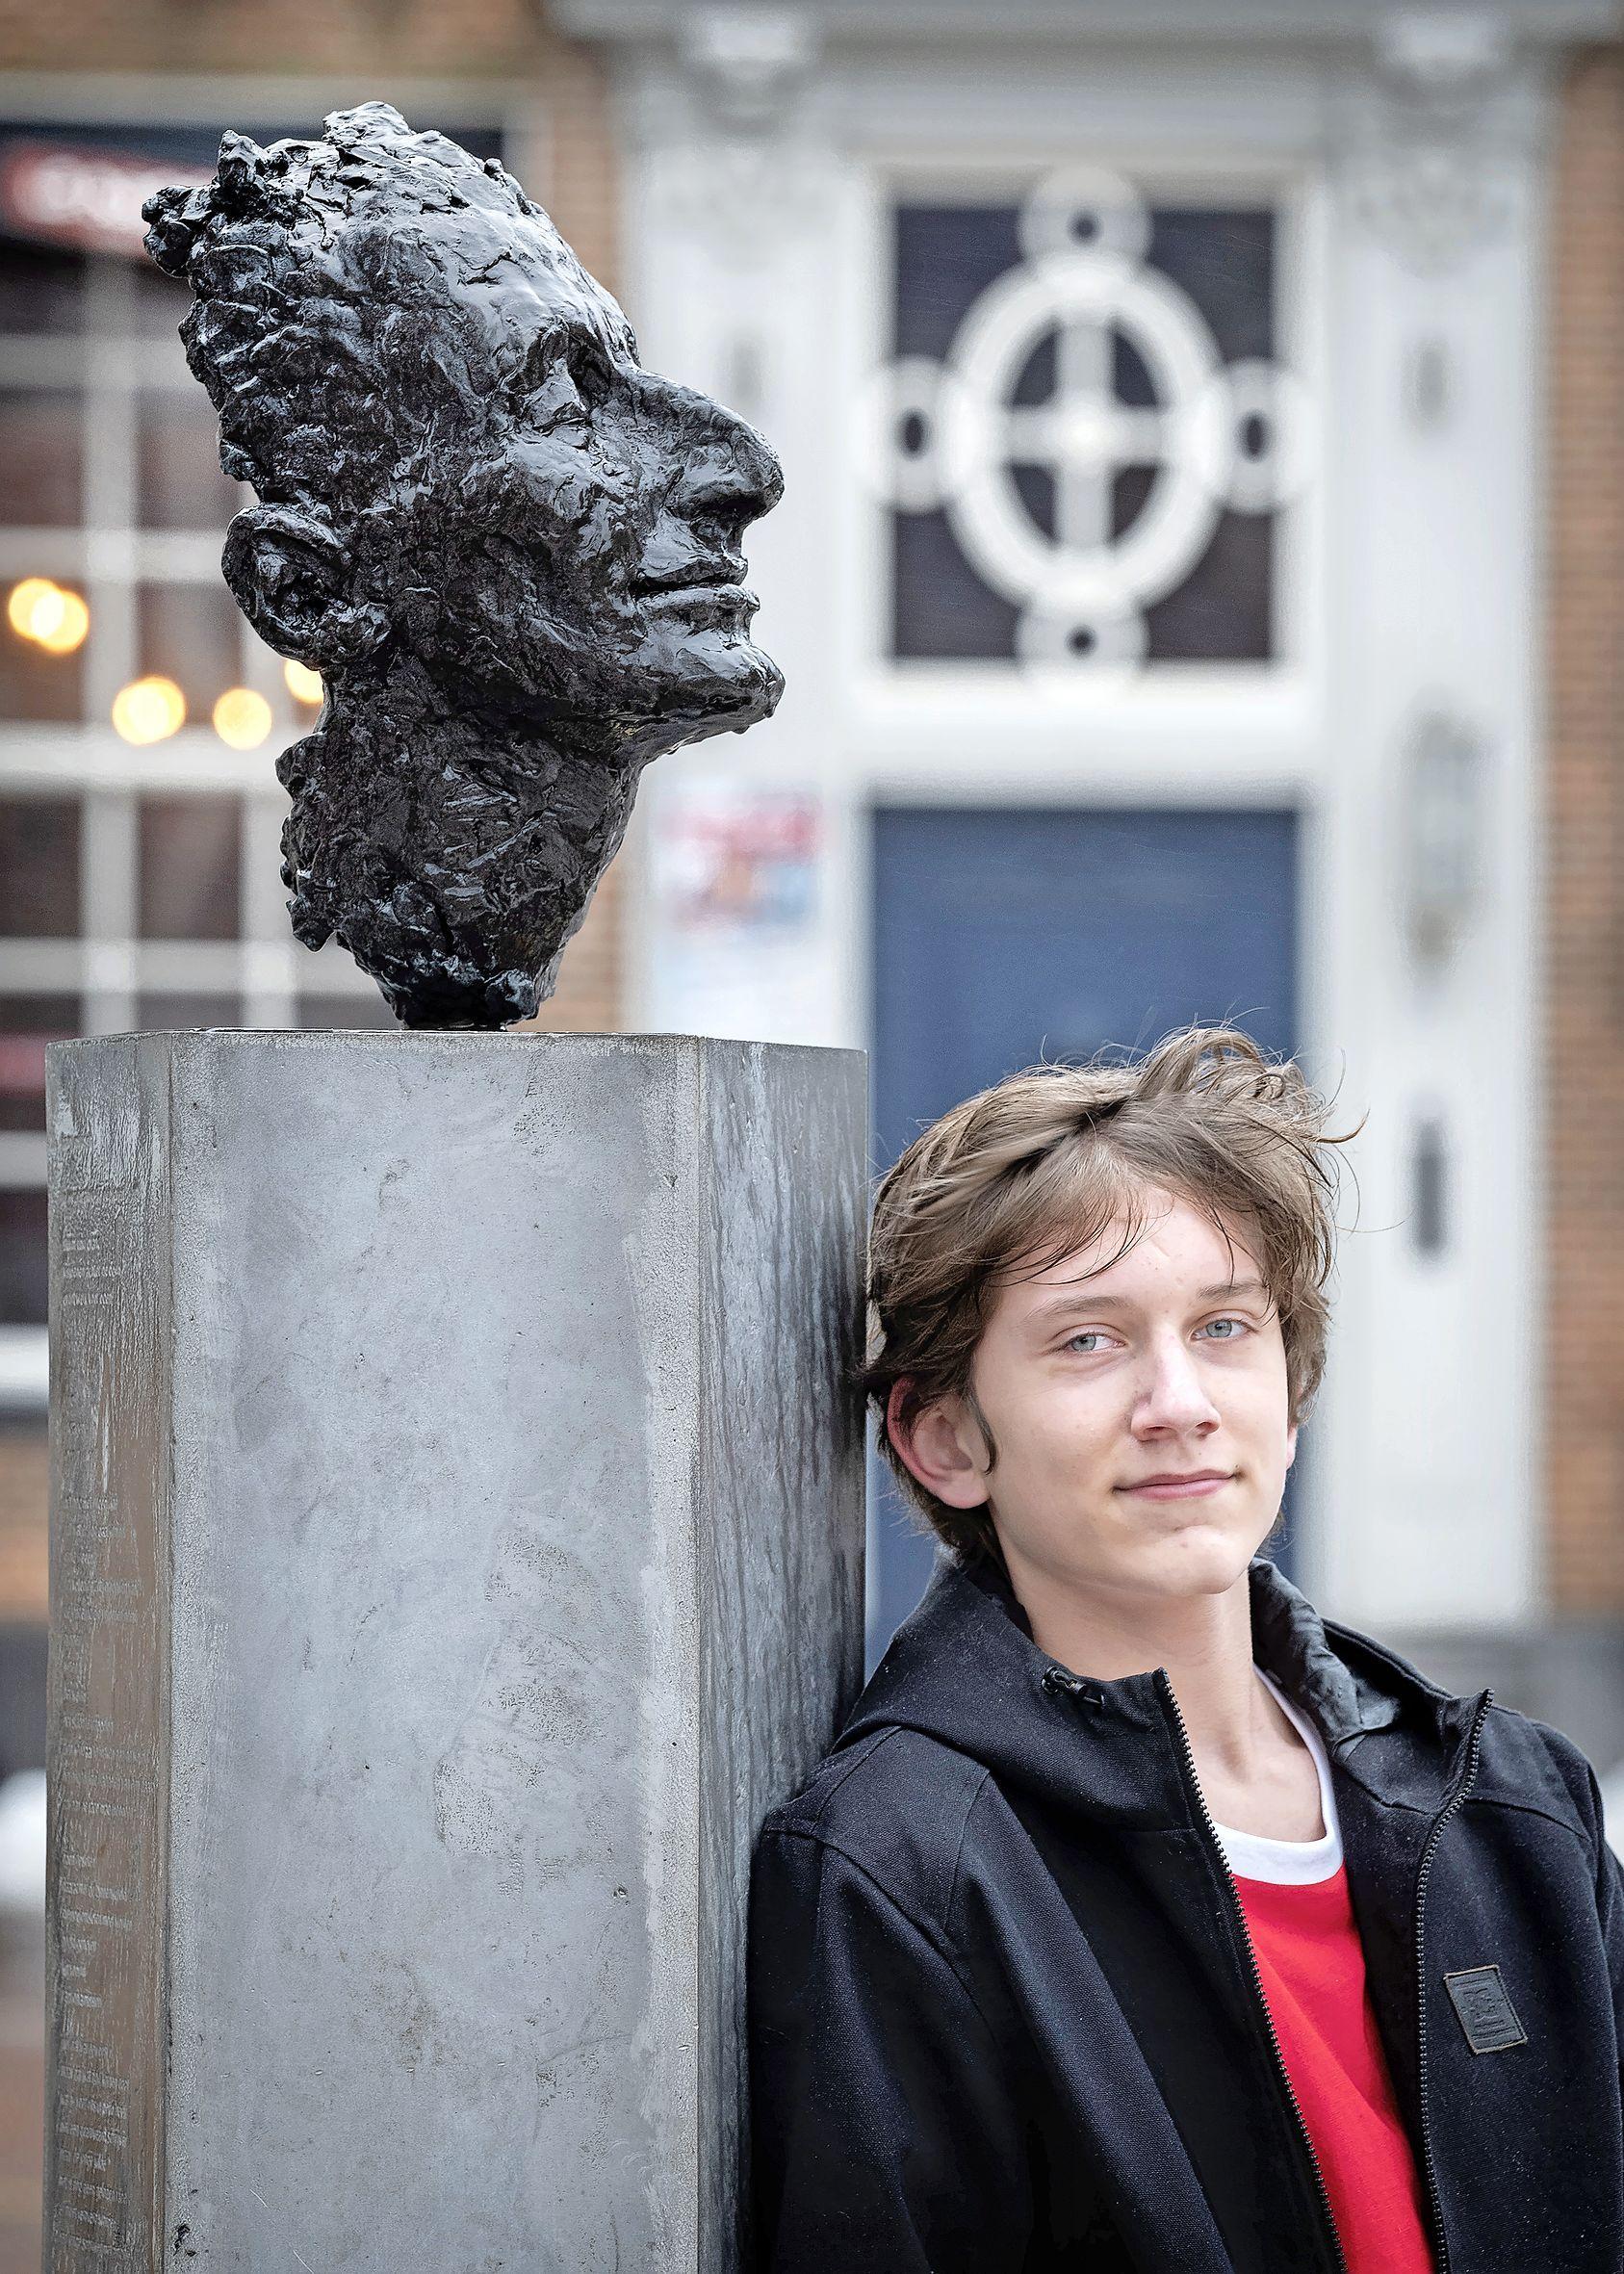 Zestig vertellers bezingen hun stad; Annelies Grabijn en Rein Mul winnen verhalenwedstrijd 'Kijken naar Haarlem'